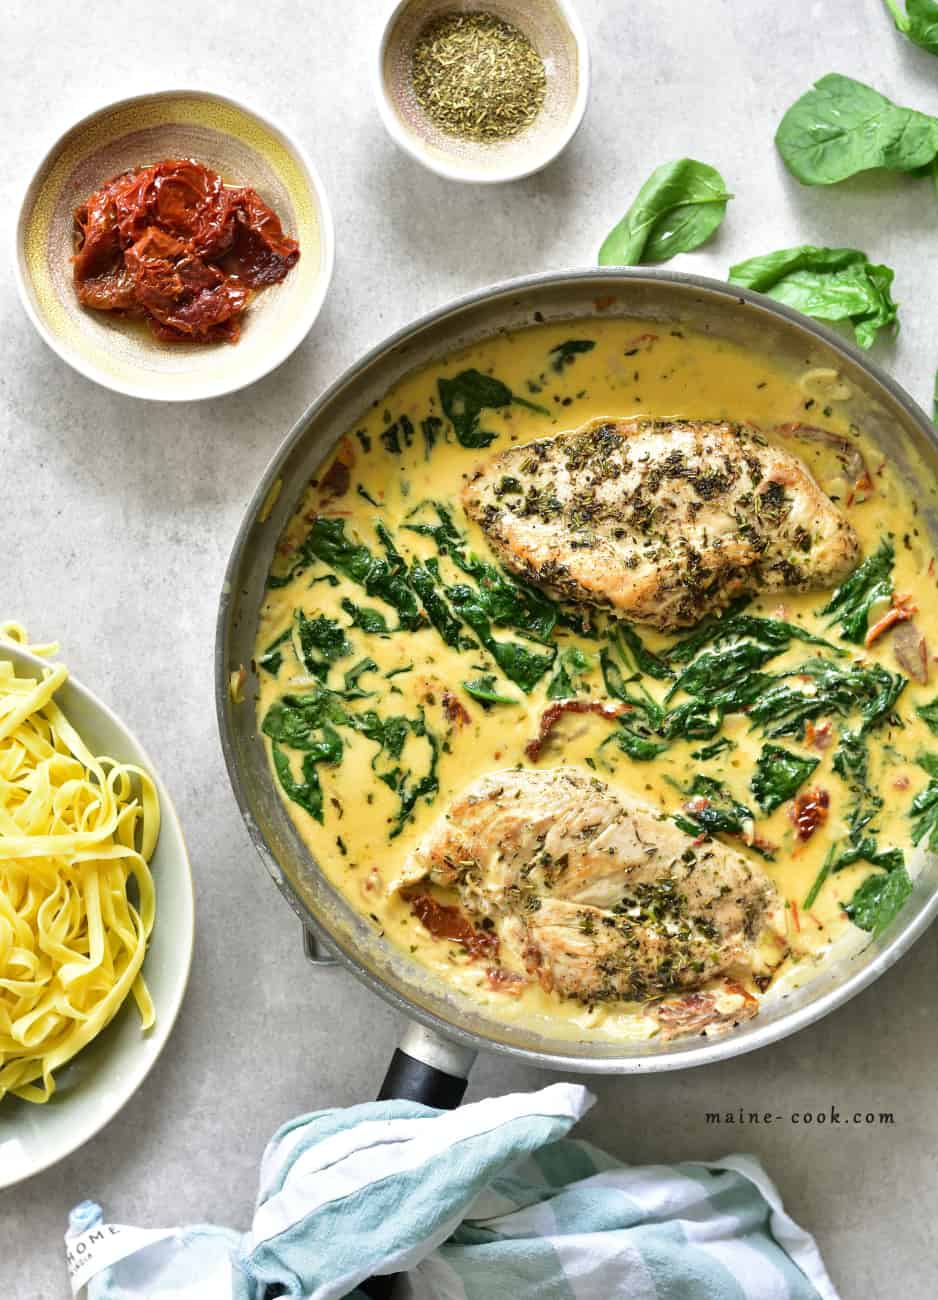 Kurczak po toskańsku - w kremowym sosie z suszonymi pomidorami i szpinakiem Tuscan Chicken in creamy sun-dried tomato and spinach sauce